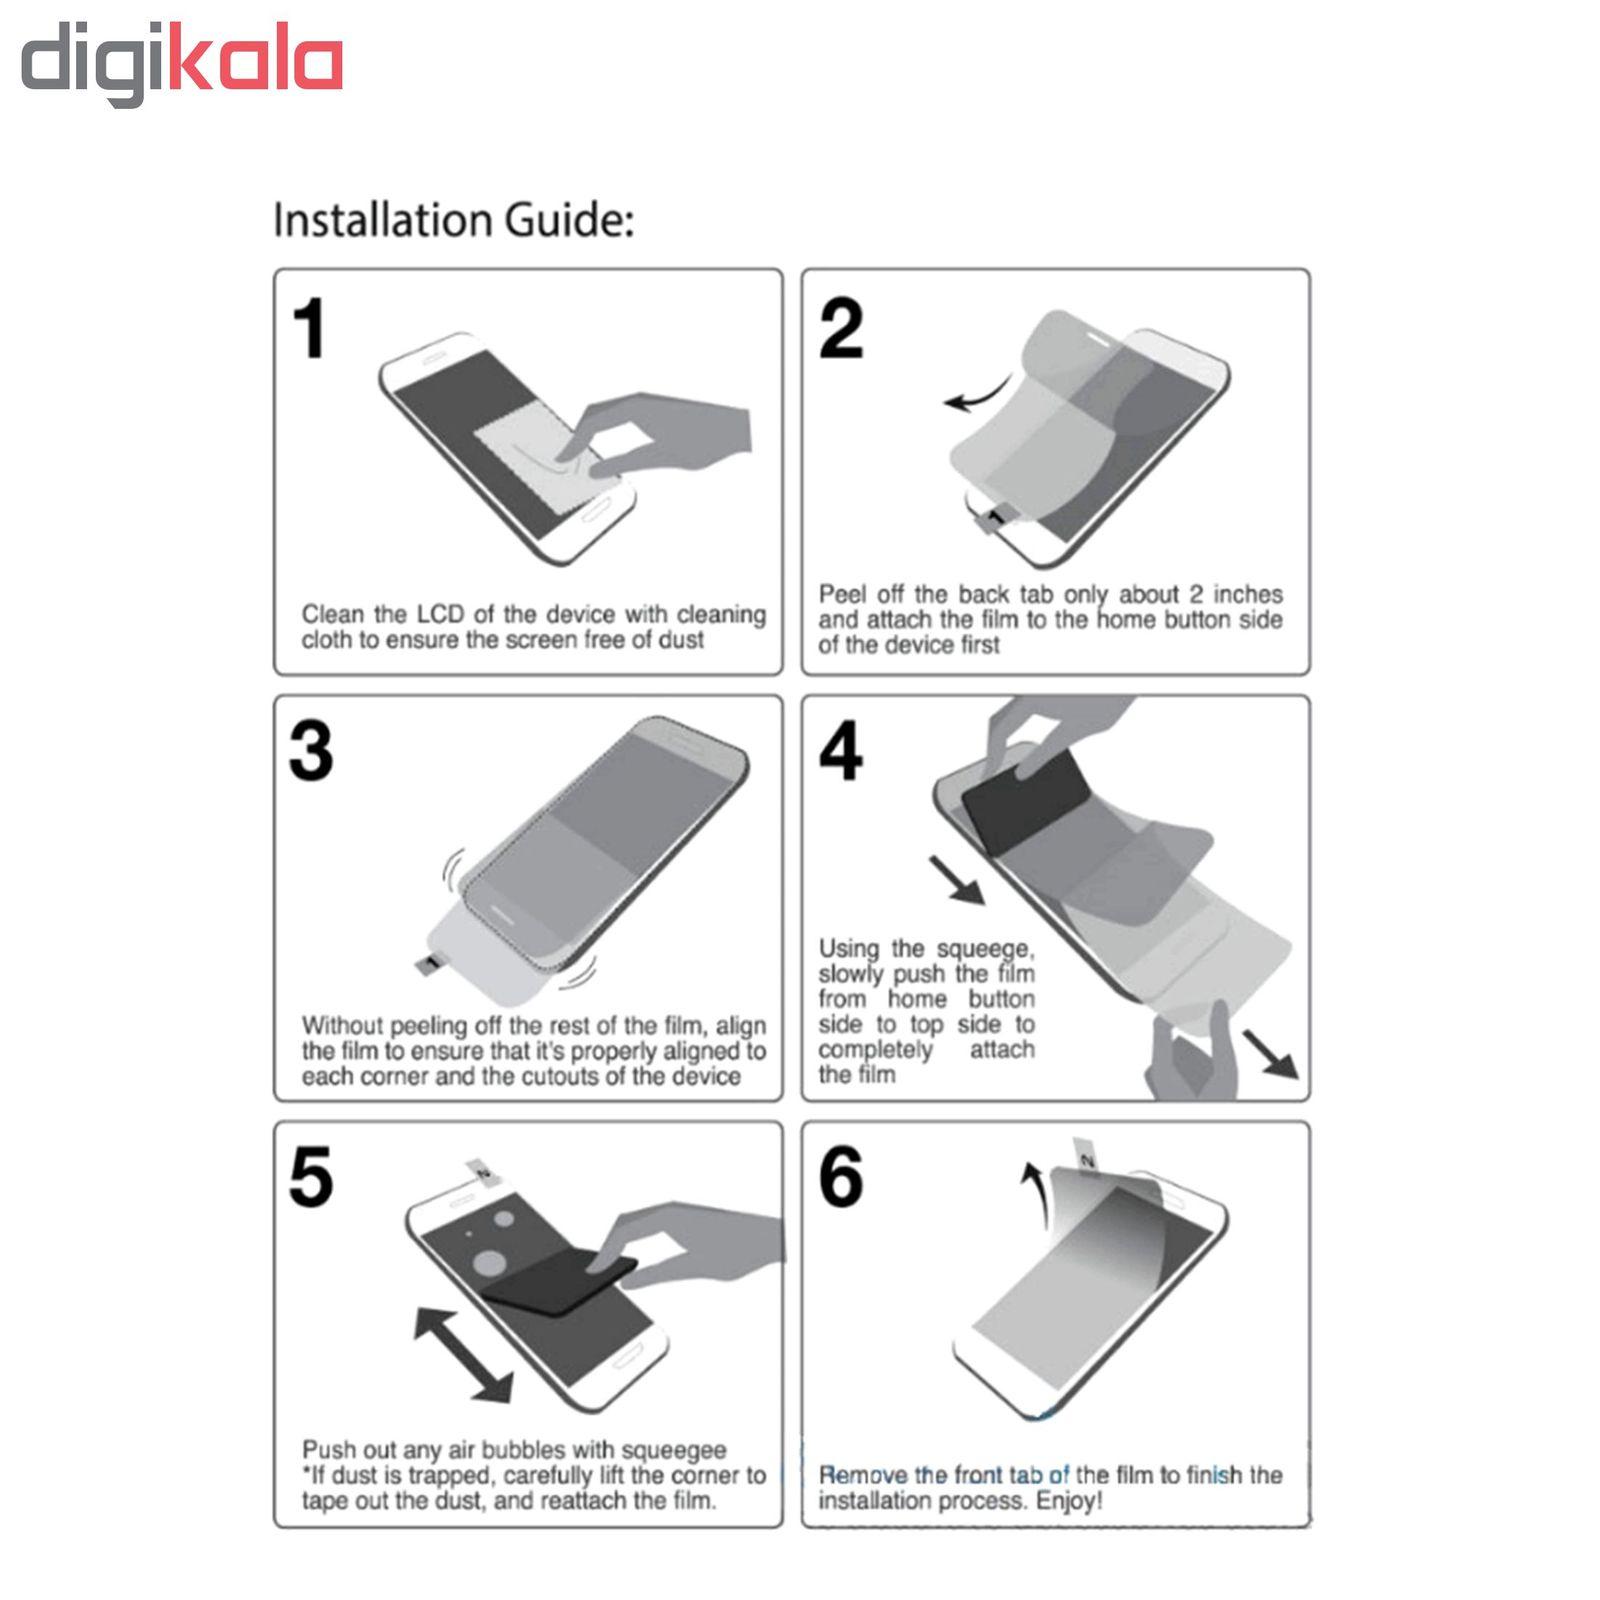 محافظ صفحه نمایش Hard and thick مدل F-01 مناسب برای گوشی موبایل سامسونگ Galaxy A10s  main 1 7